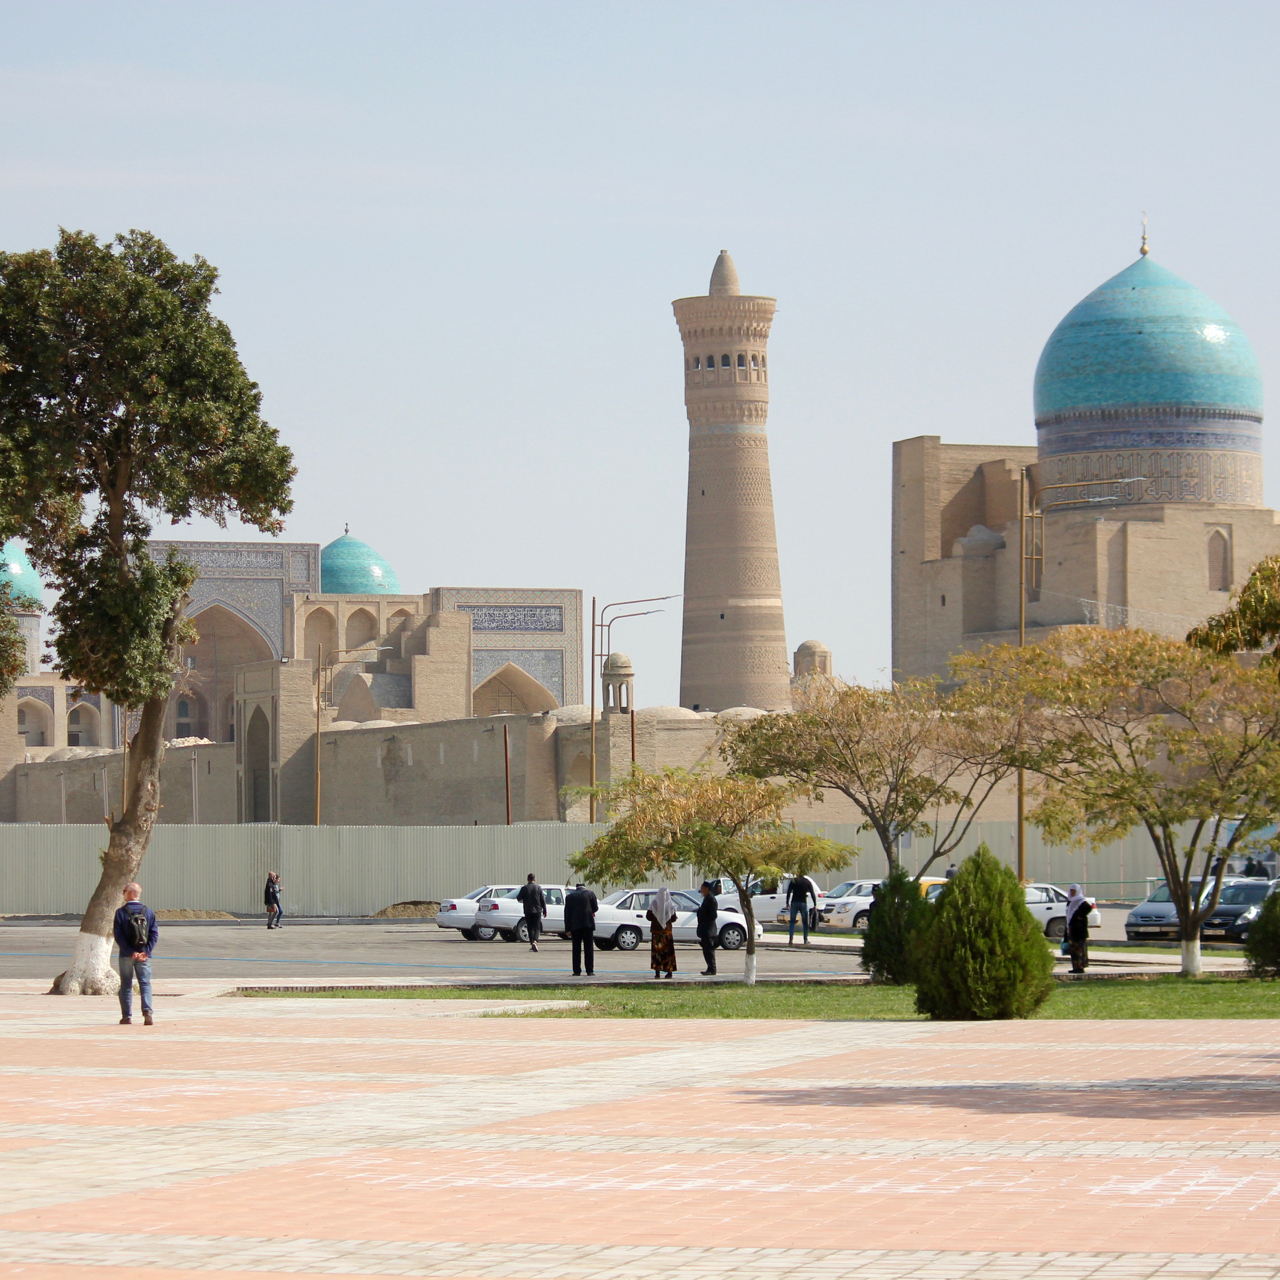 bukhara, uzbekistan - 30